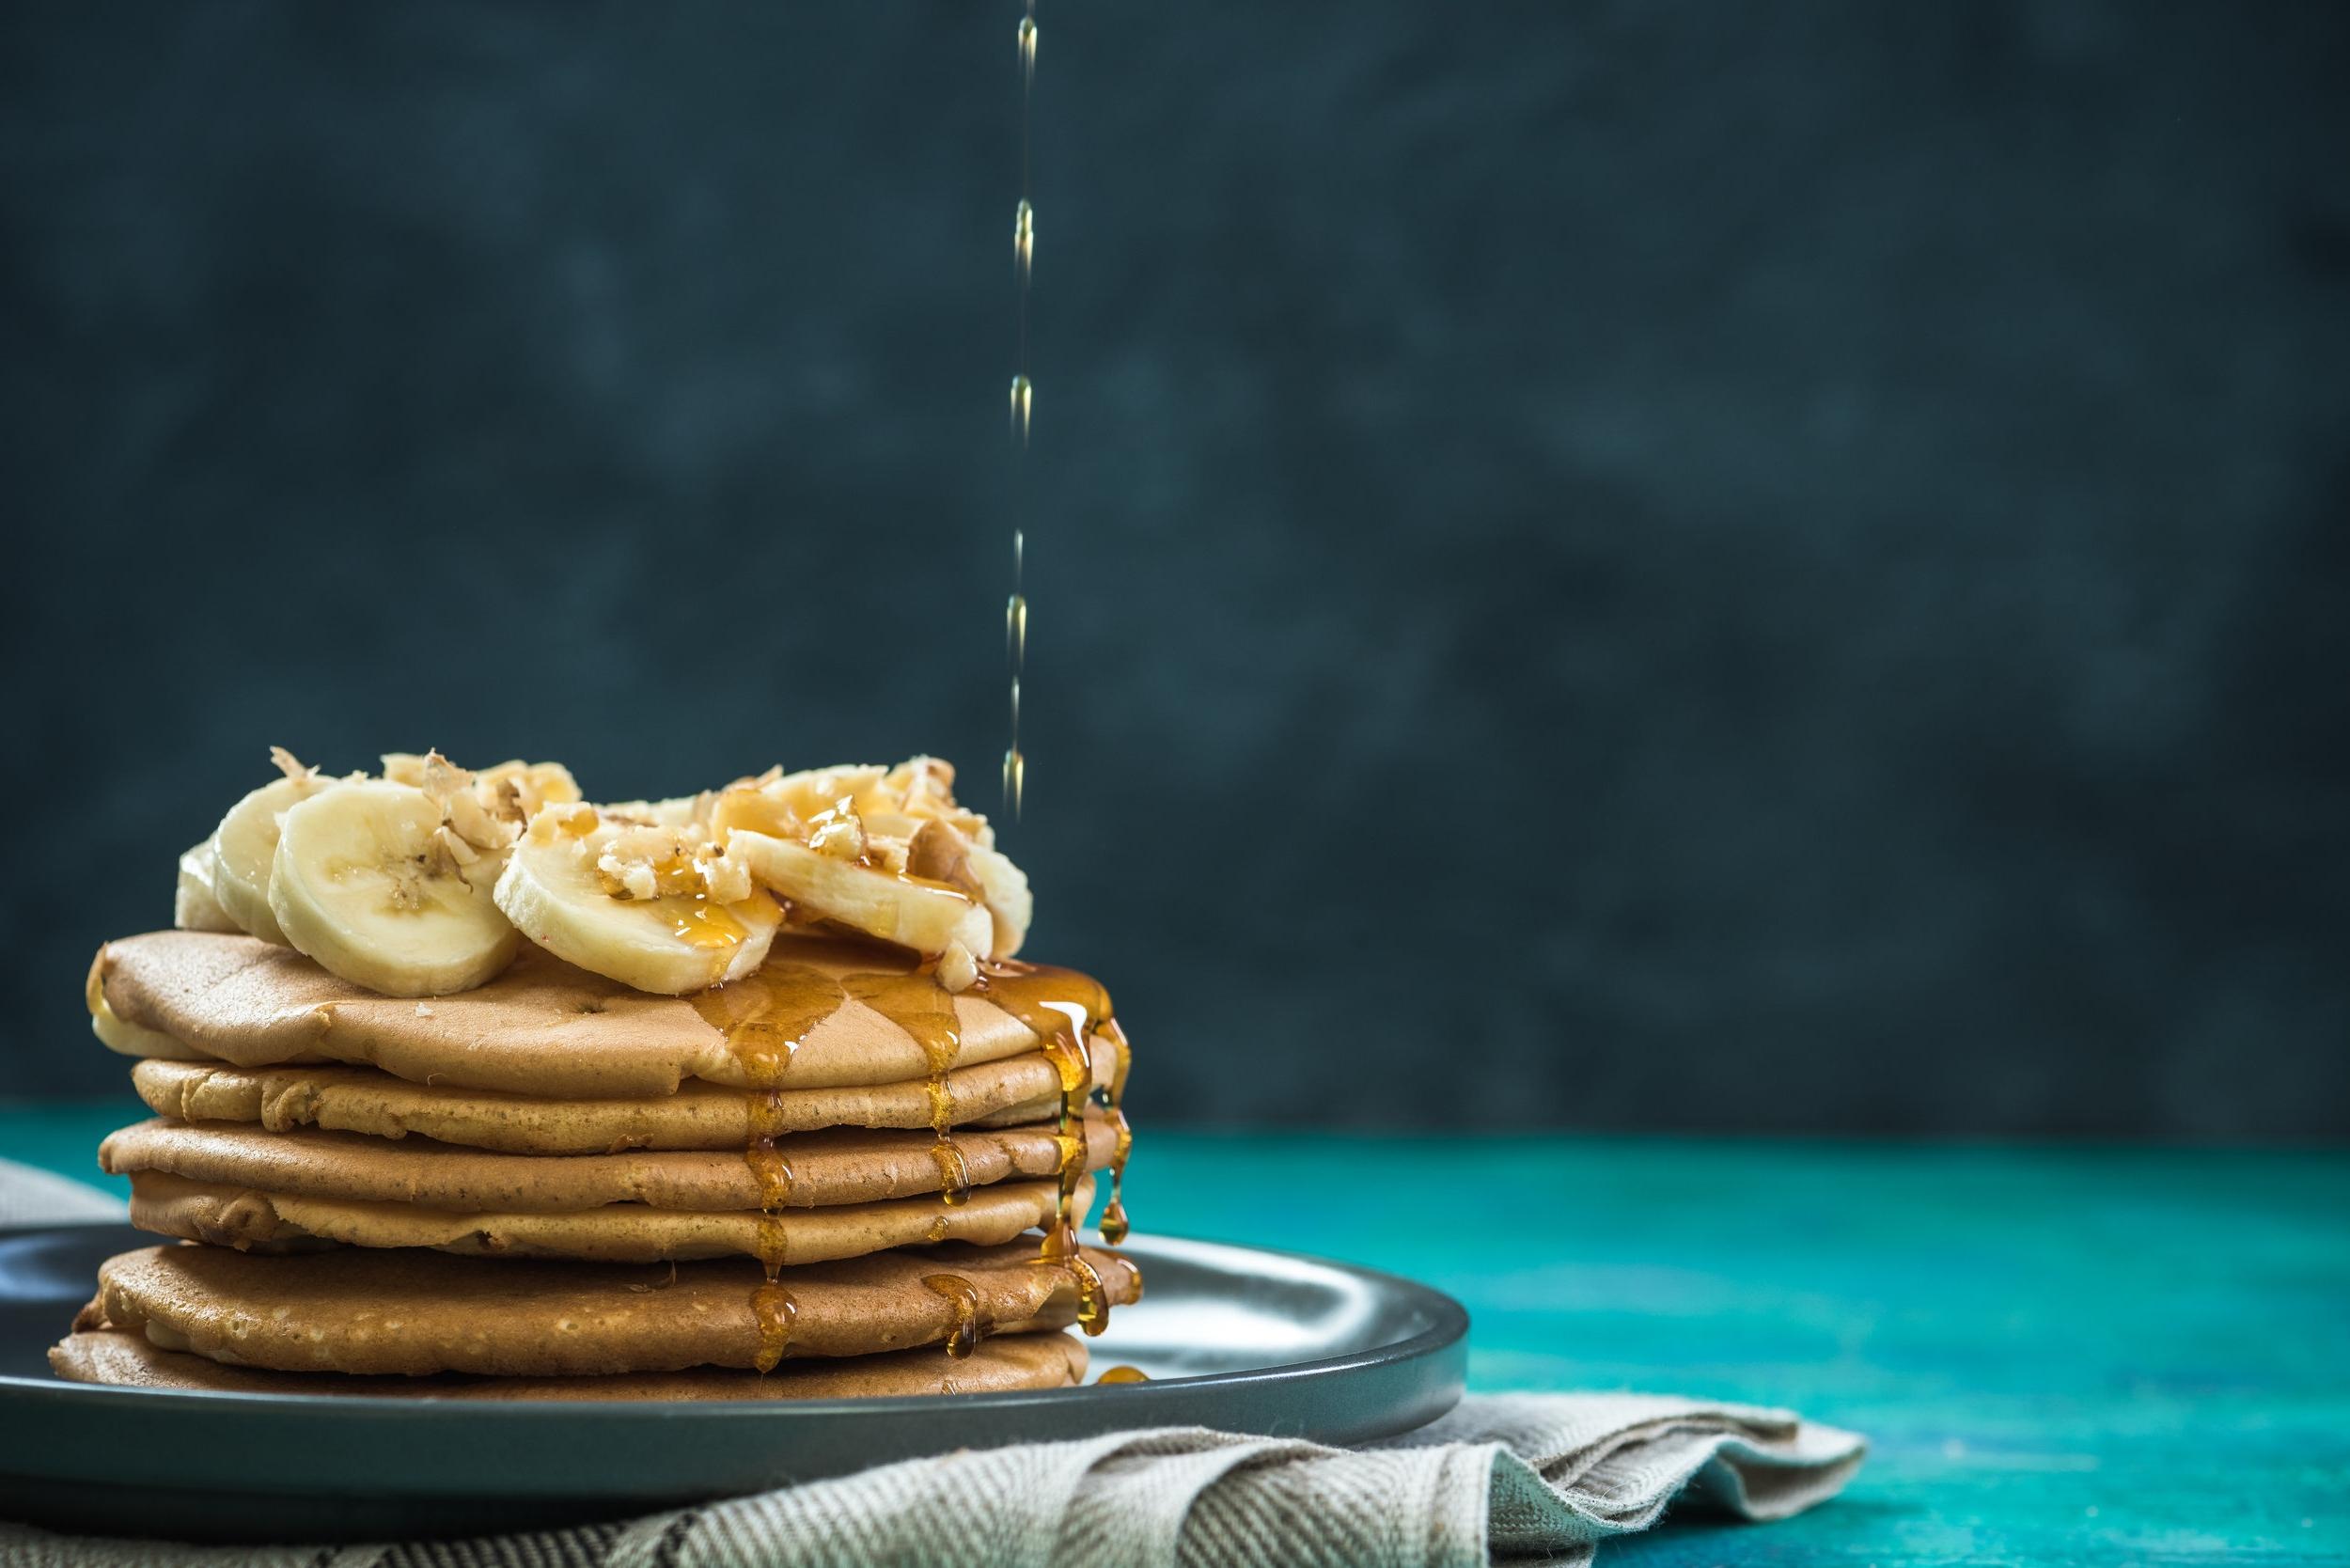 Breakfast -